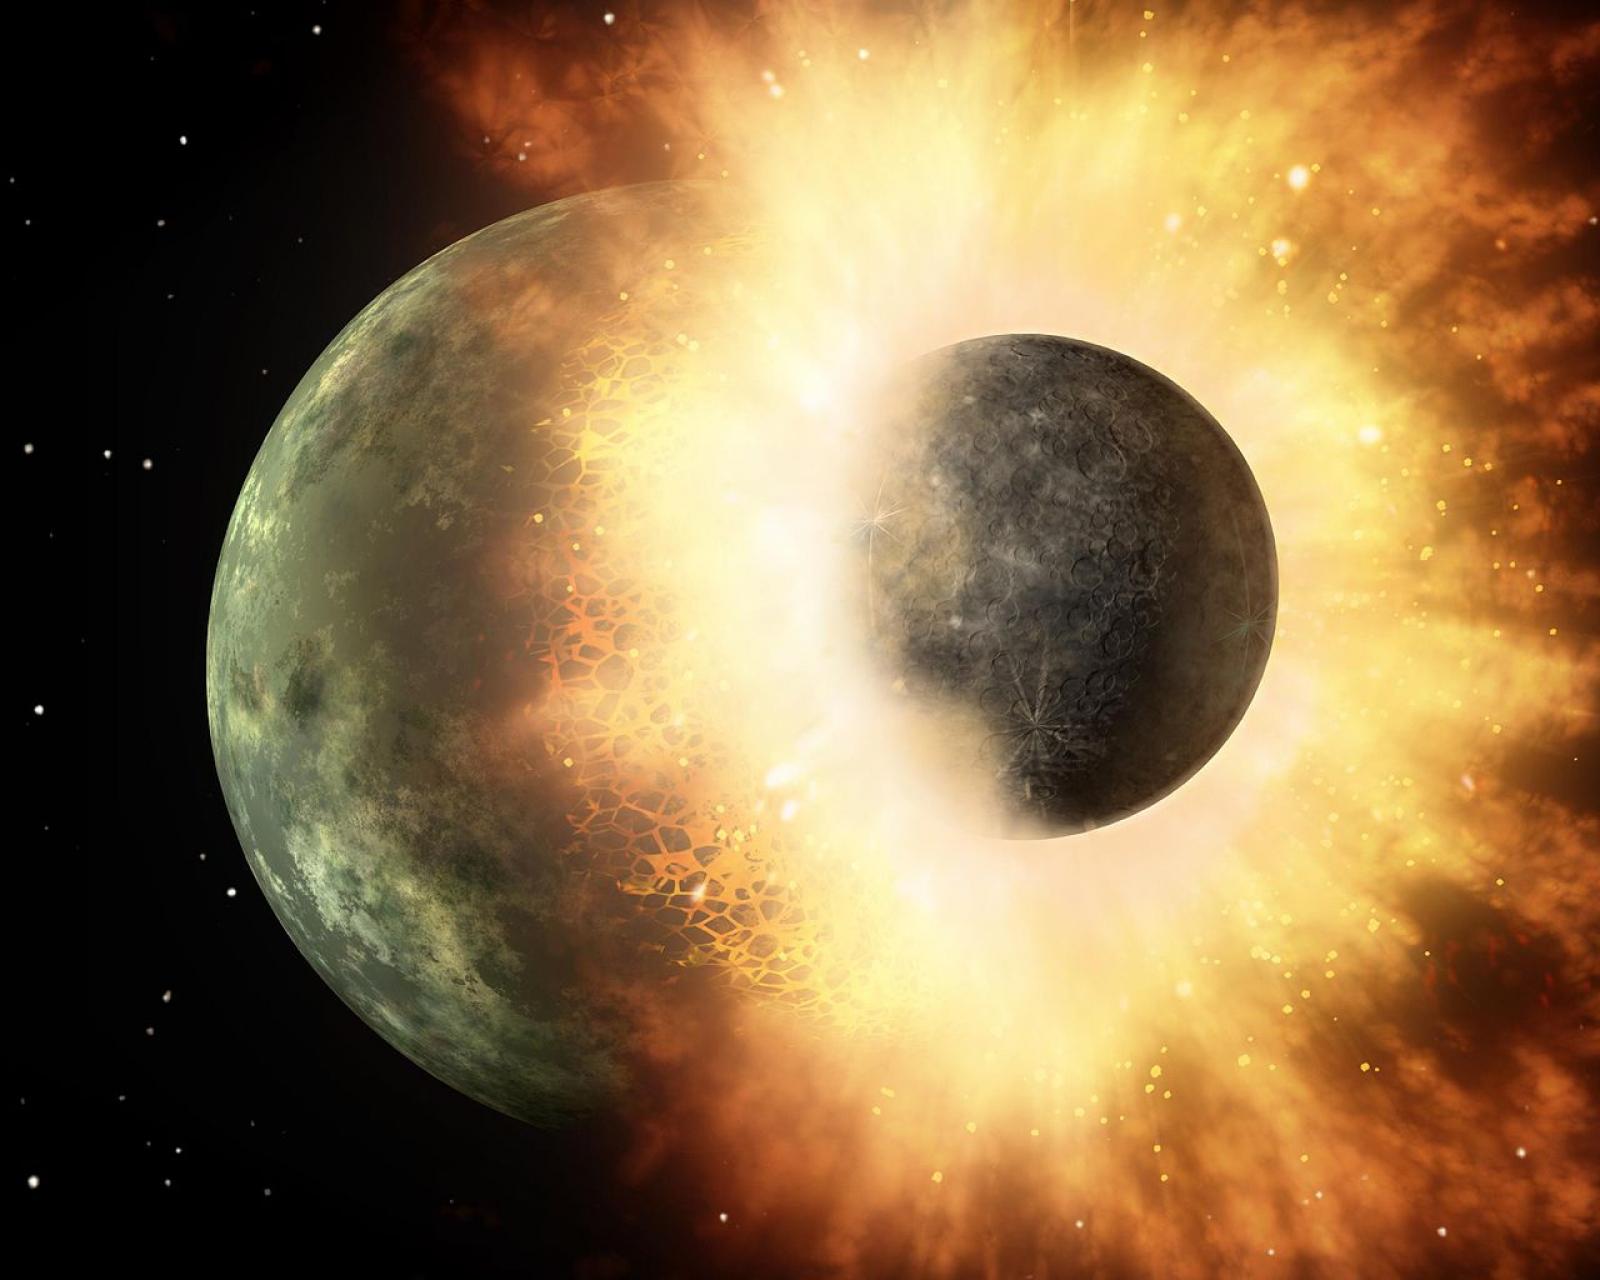 Un impacte com aquest podria haver estat el causant tant de la formació de la Lluna com de l'arribada de l'aigua a la Terra